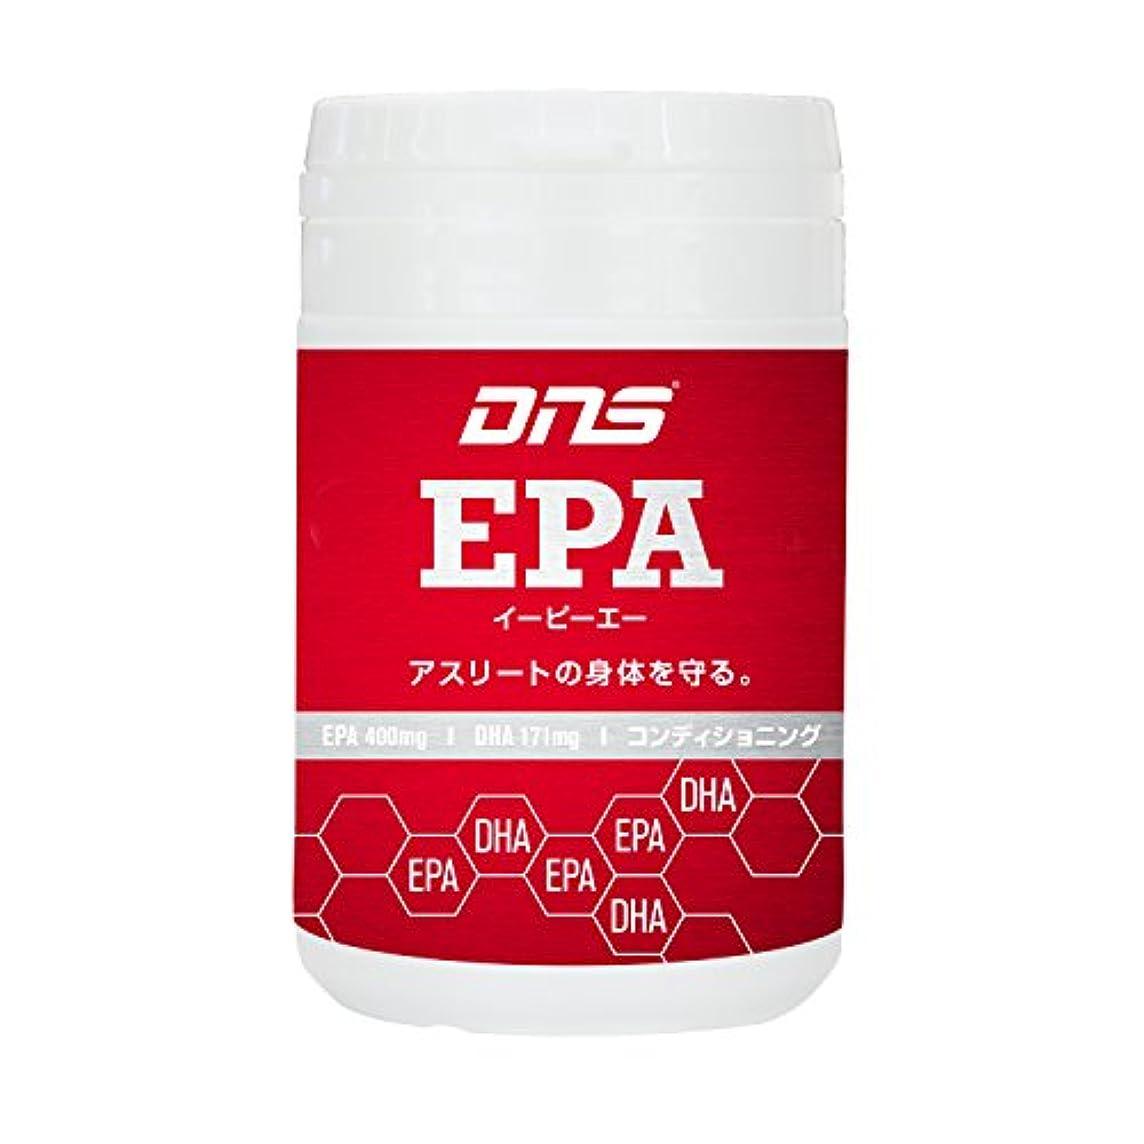 参加する財布マーケティングDNS EPA